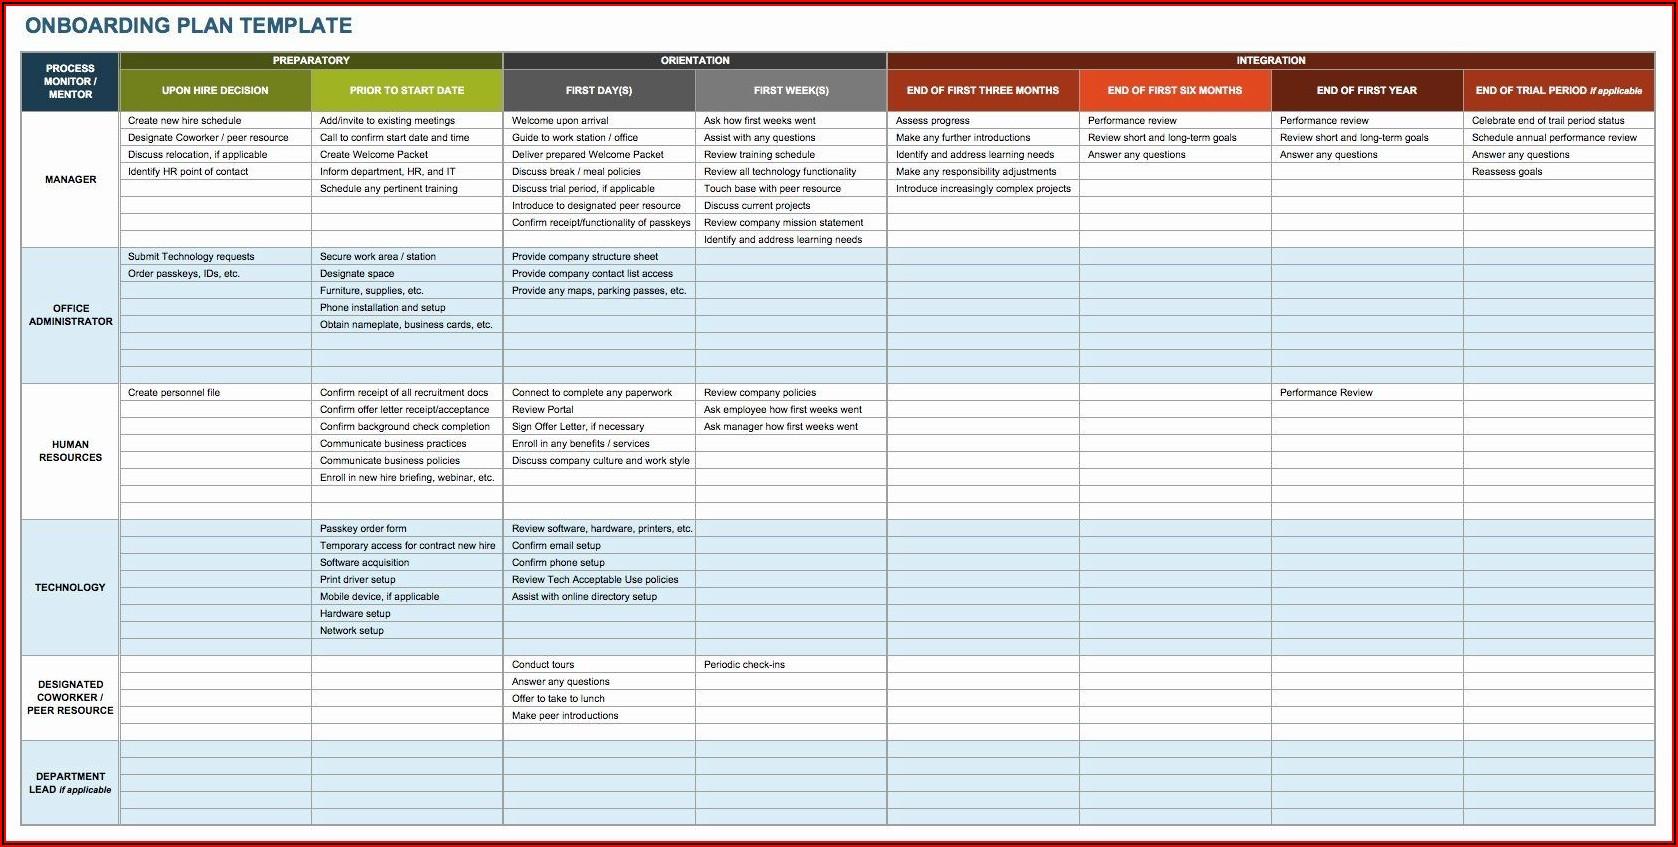 Management Succession Plan Template